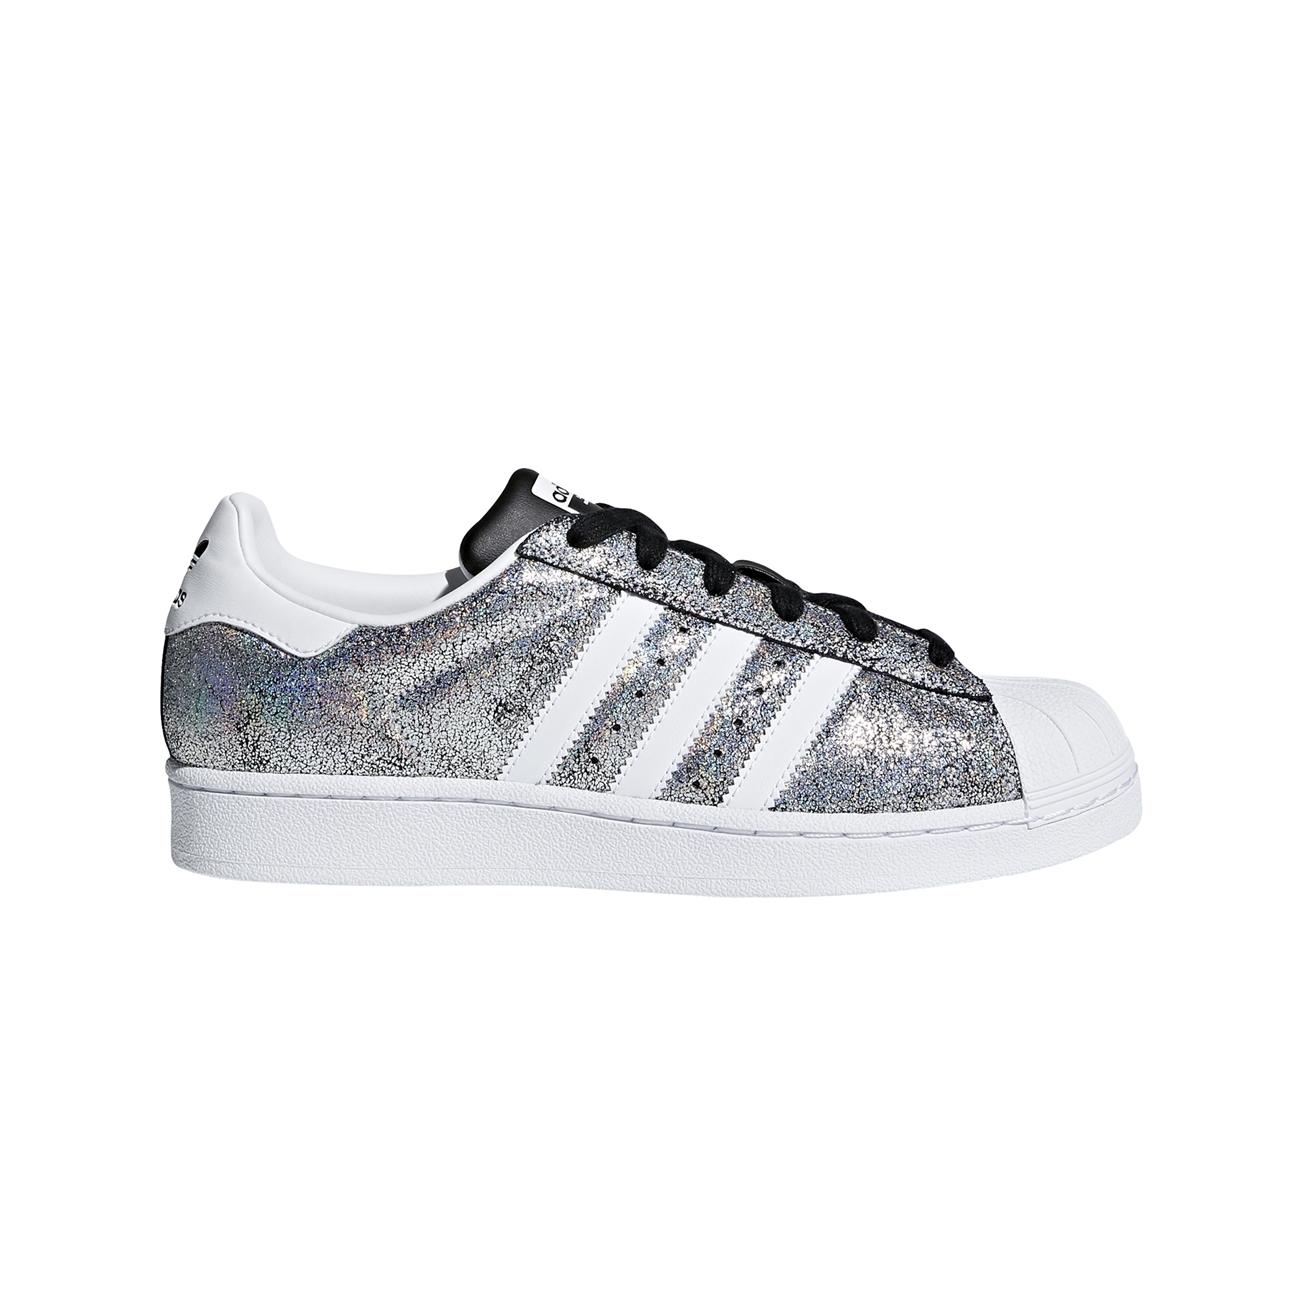 best service d196a 45f31 Adidas Originals Superstar W